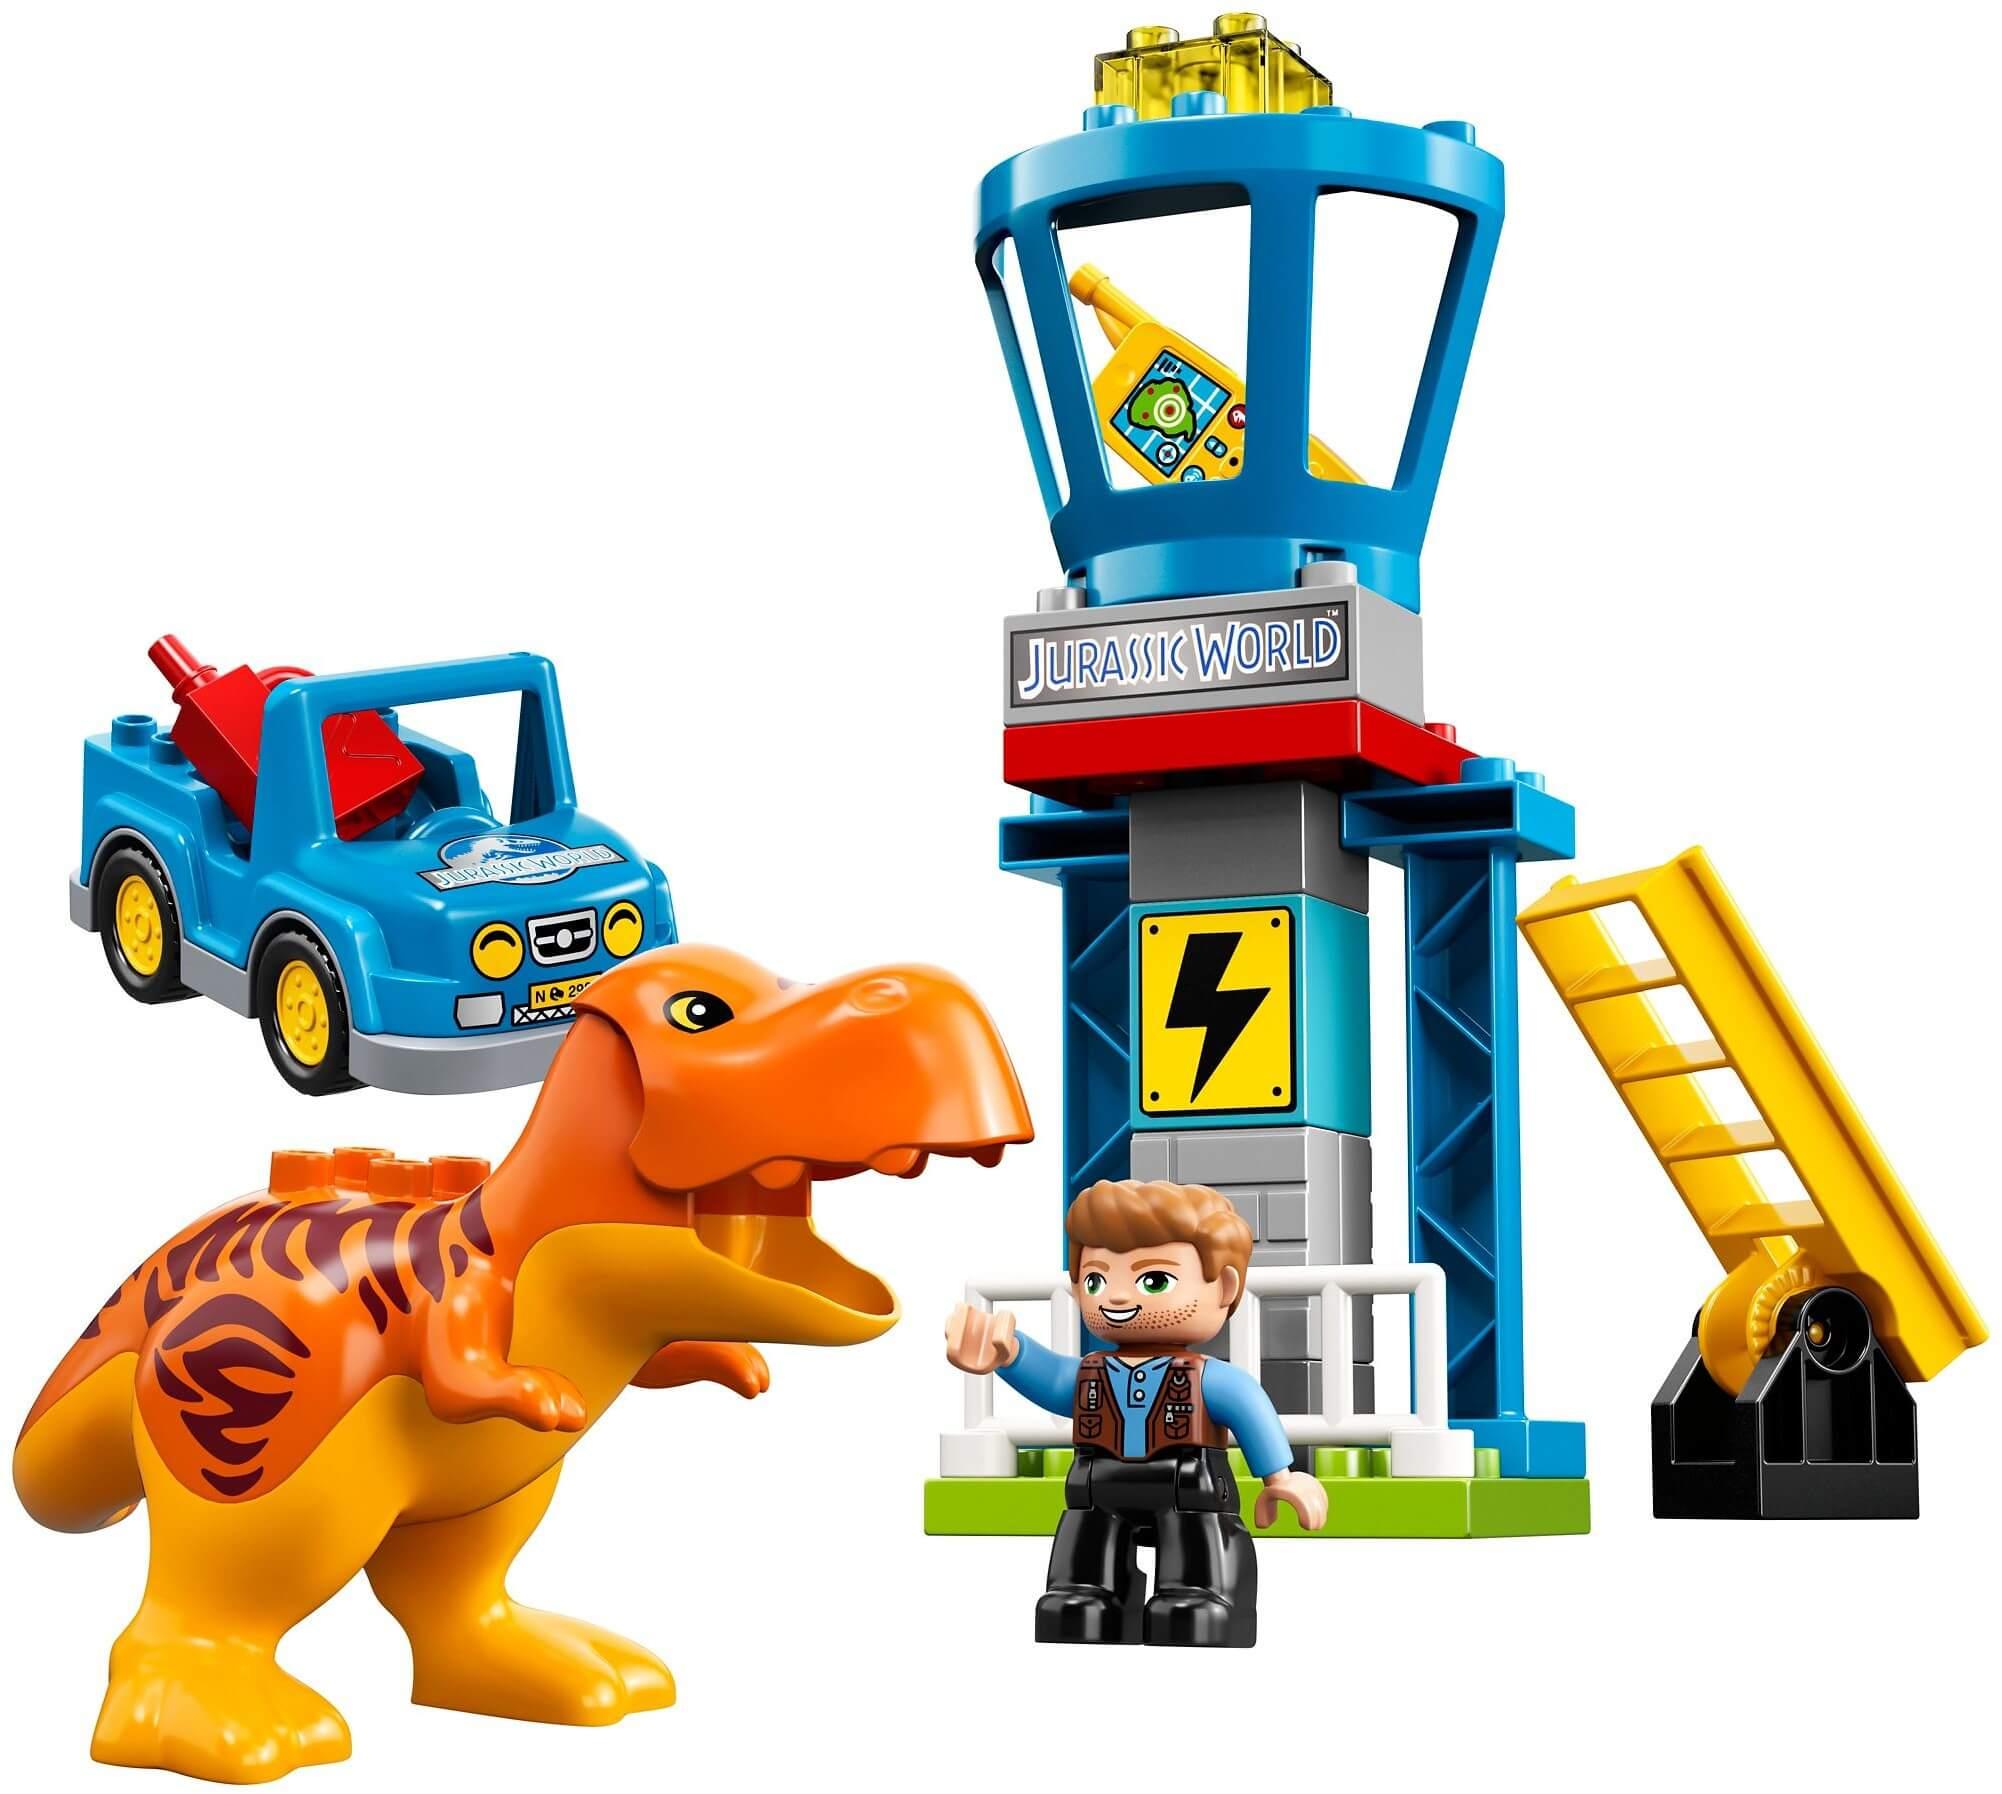 Mua đồ chơi LEGO 10880 - LEGO DUPLO 10880 - Xếp Hình Khủng Long Bạo Chúa của Bé (LEGO DUPLO 10880 T. rex Tower)